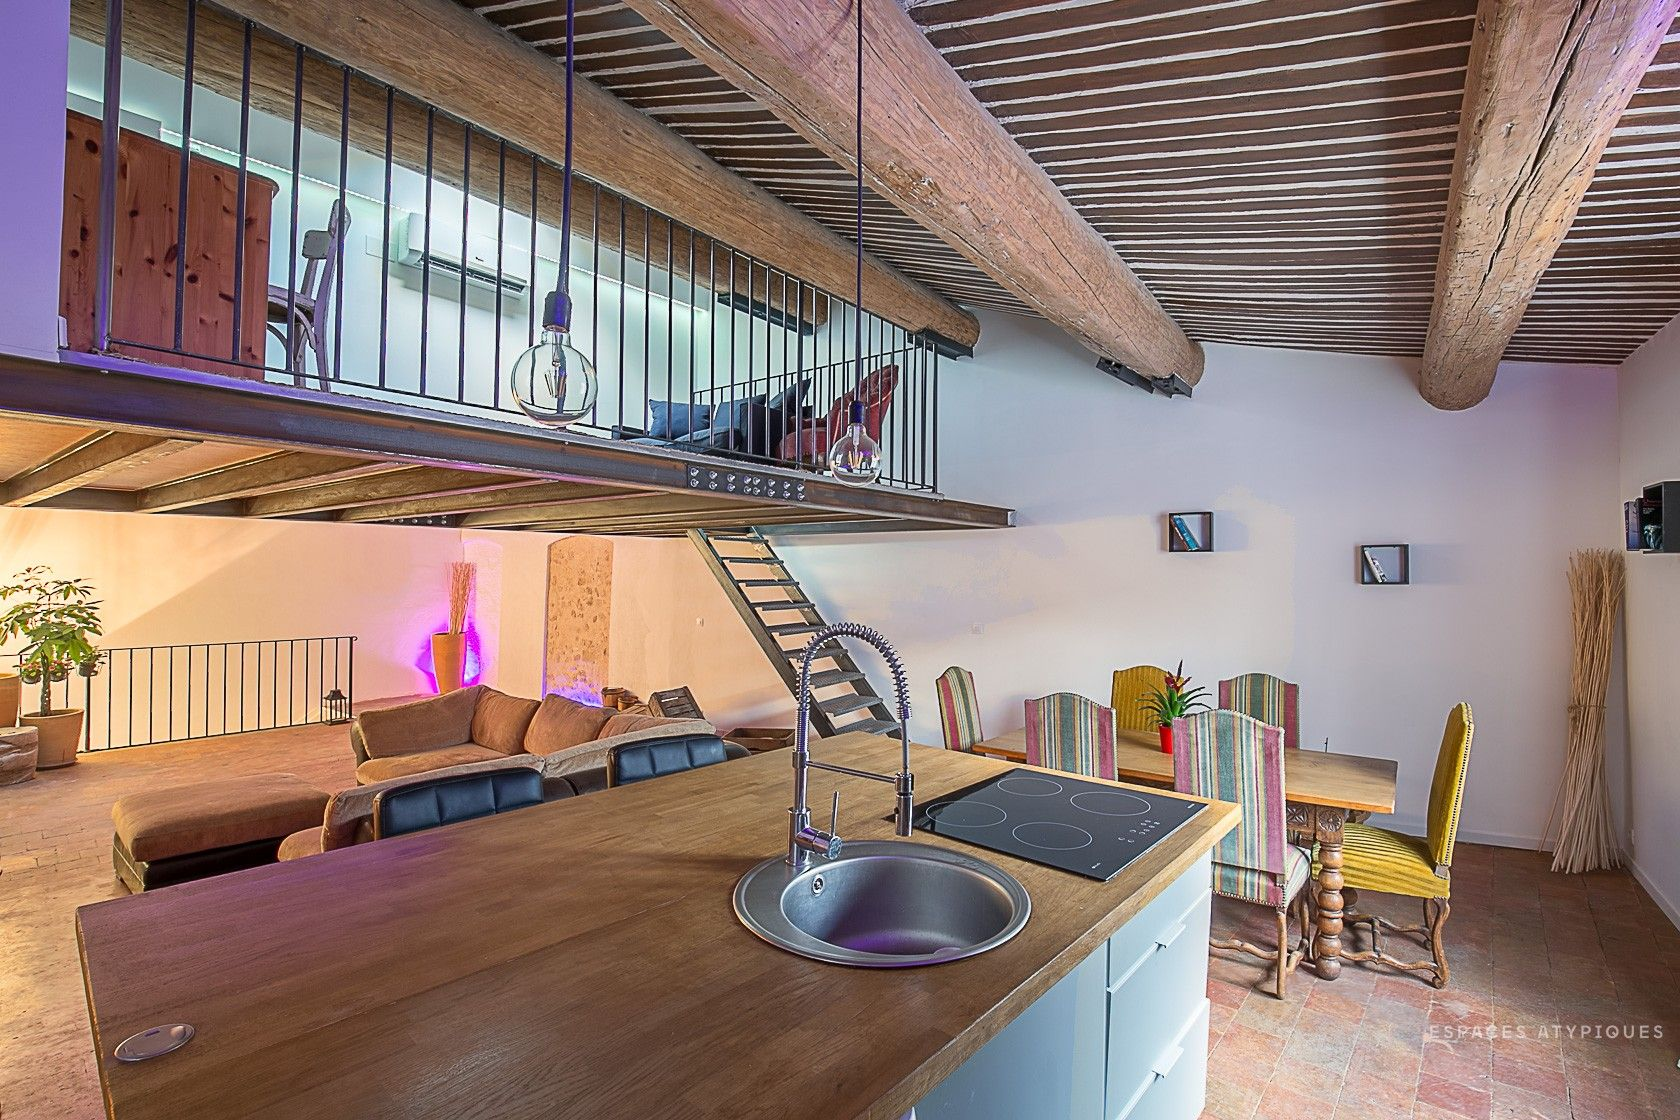 Espace Atypique Aix En Provence aix-en-provence : loft dans un ancien hôpital - agence ea